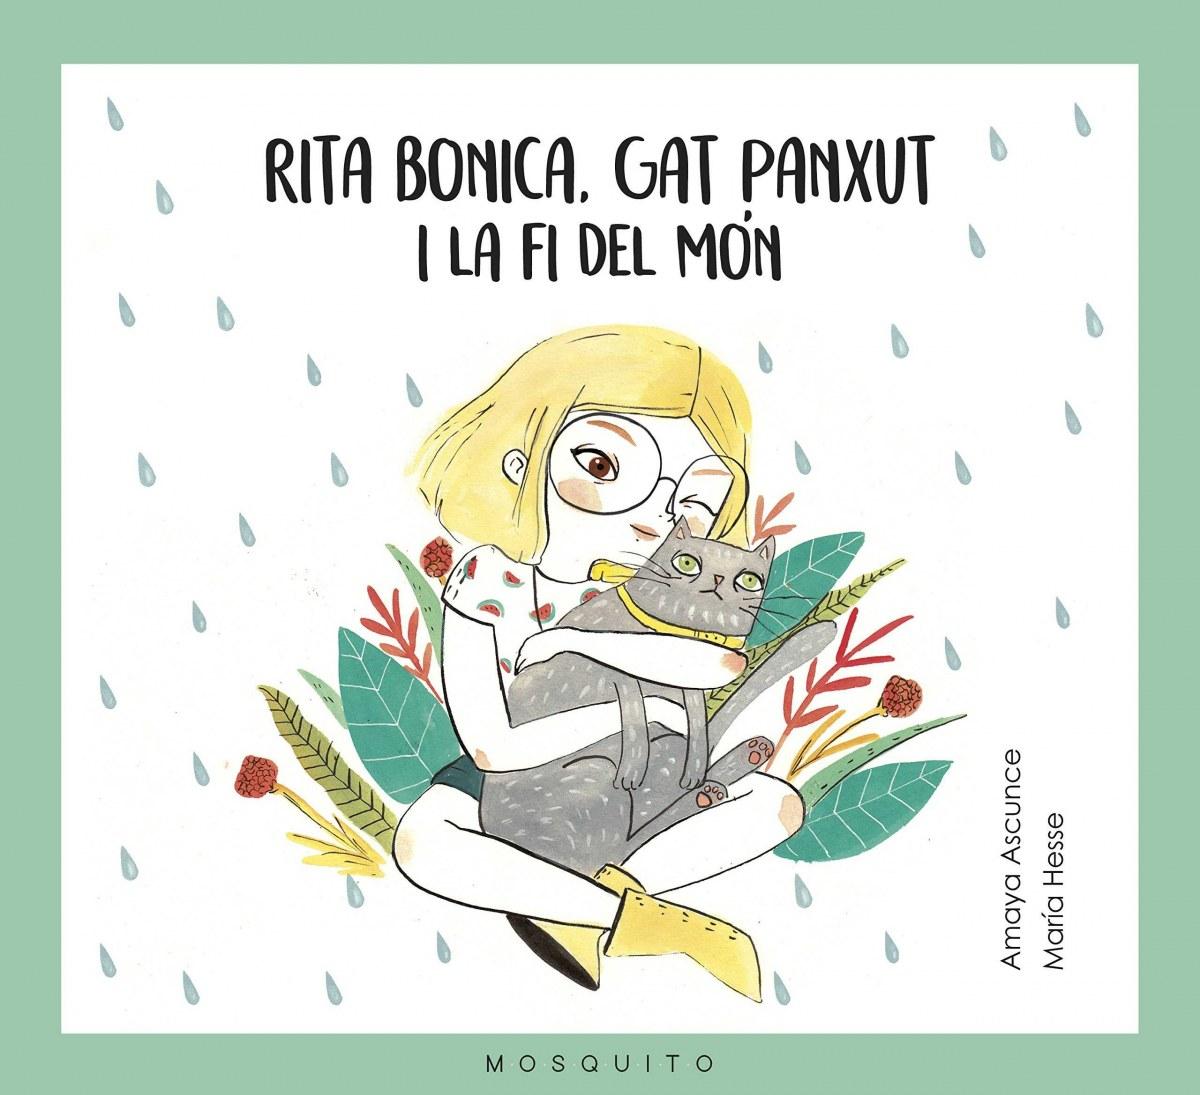 RITA BONICA, GAT PANXUT I LA FI DEL MÓN